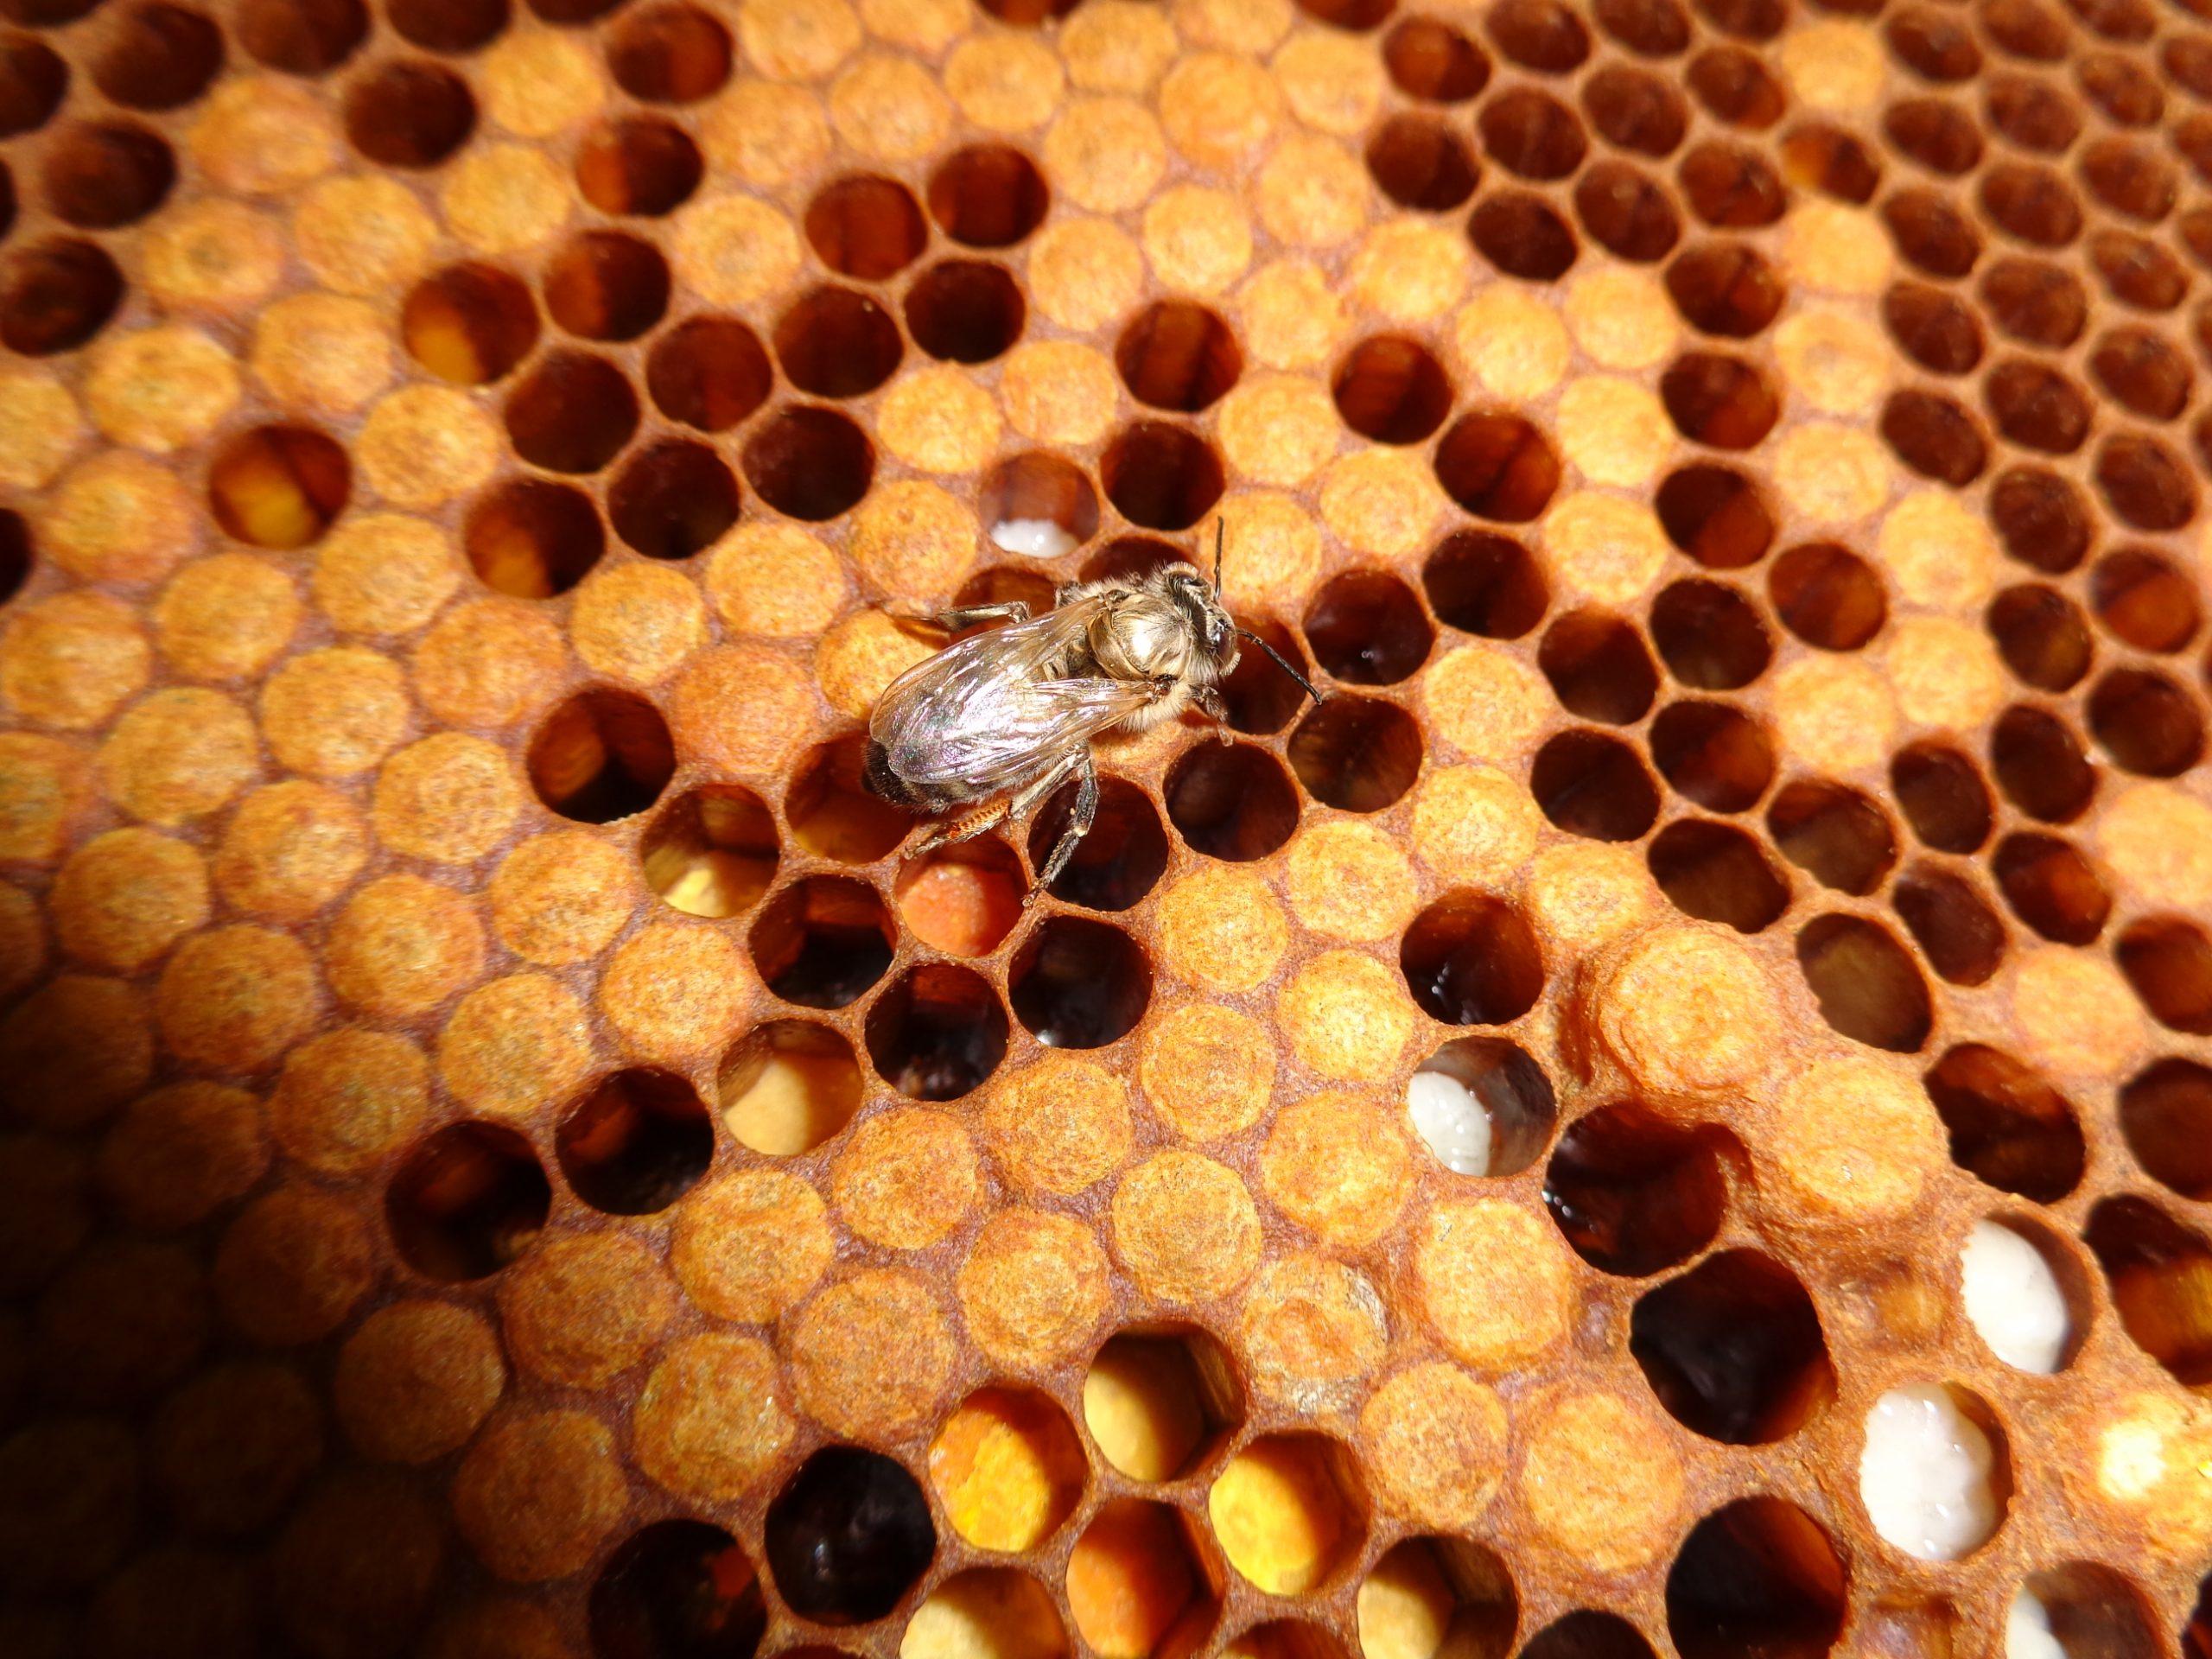 Wie kommunizieren die Bienen miteinander?